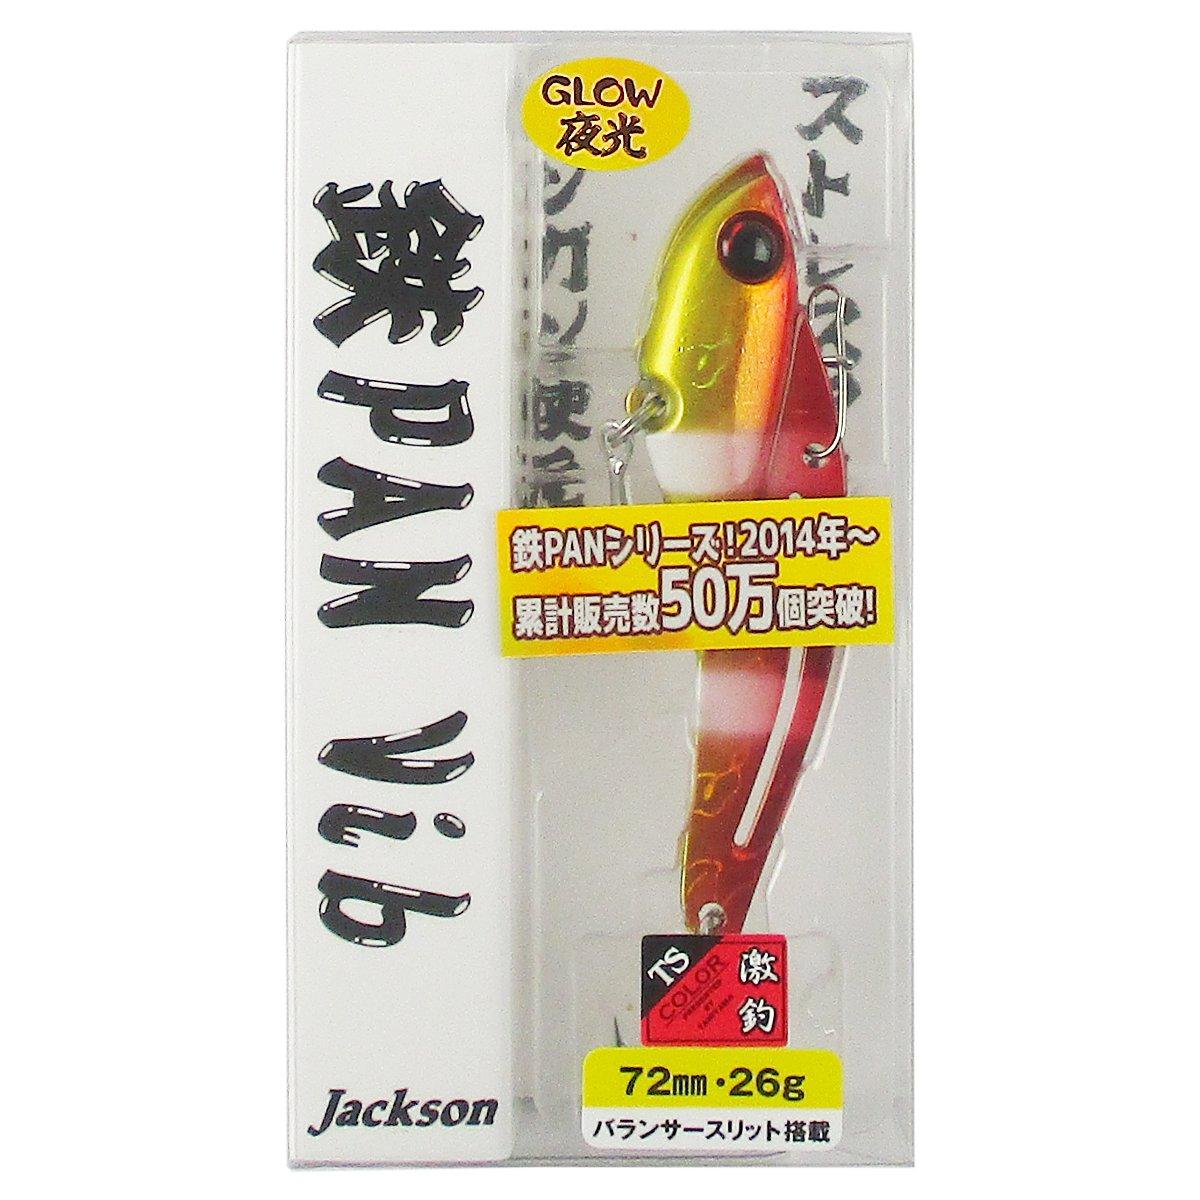 ジャクソン 鉄PAN Vib 26g GCZ 激釣センターゼブラRG(東日本店)